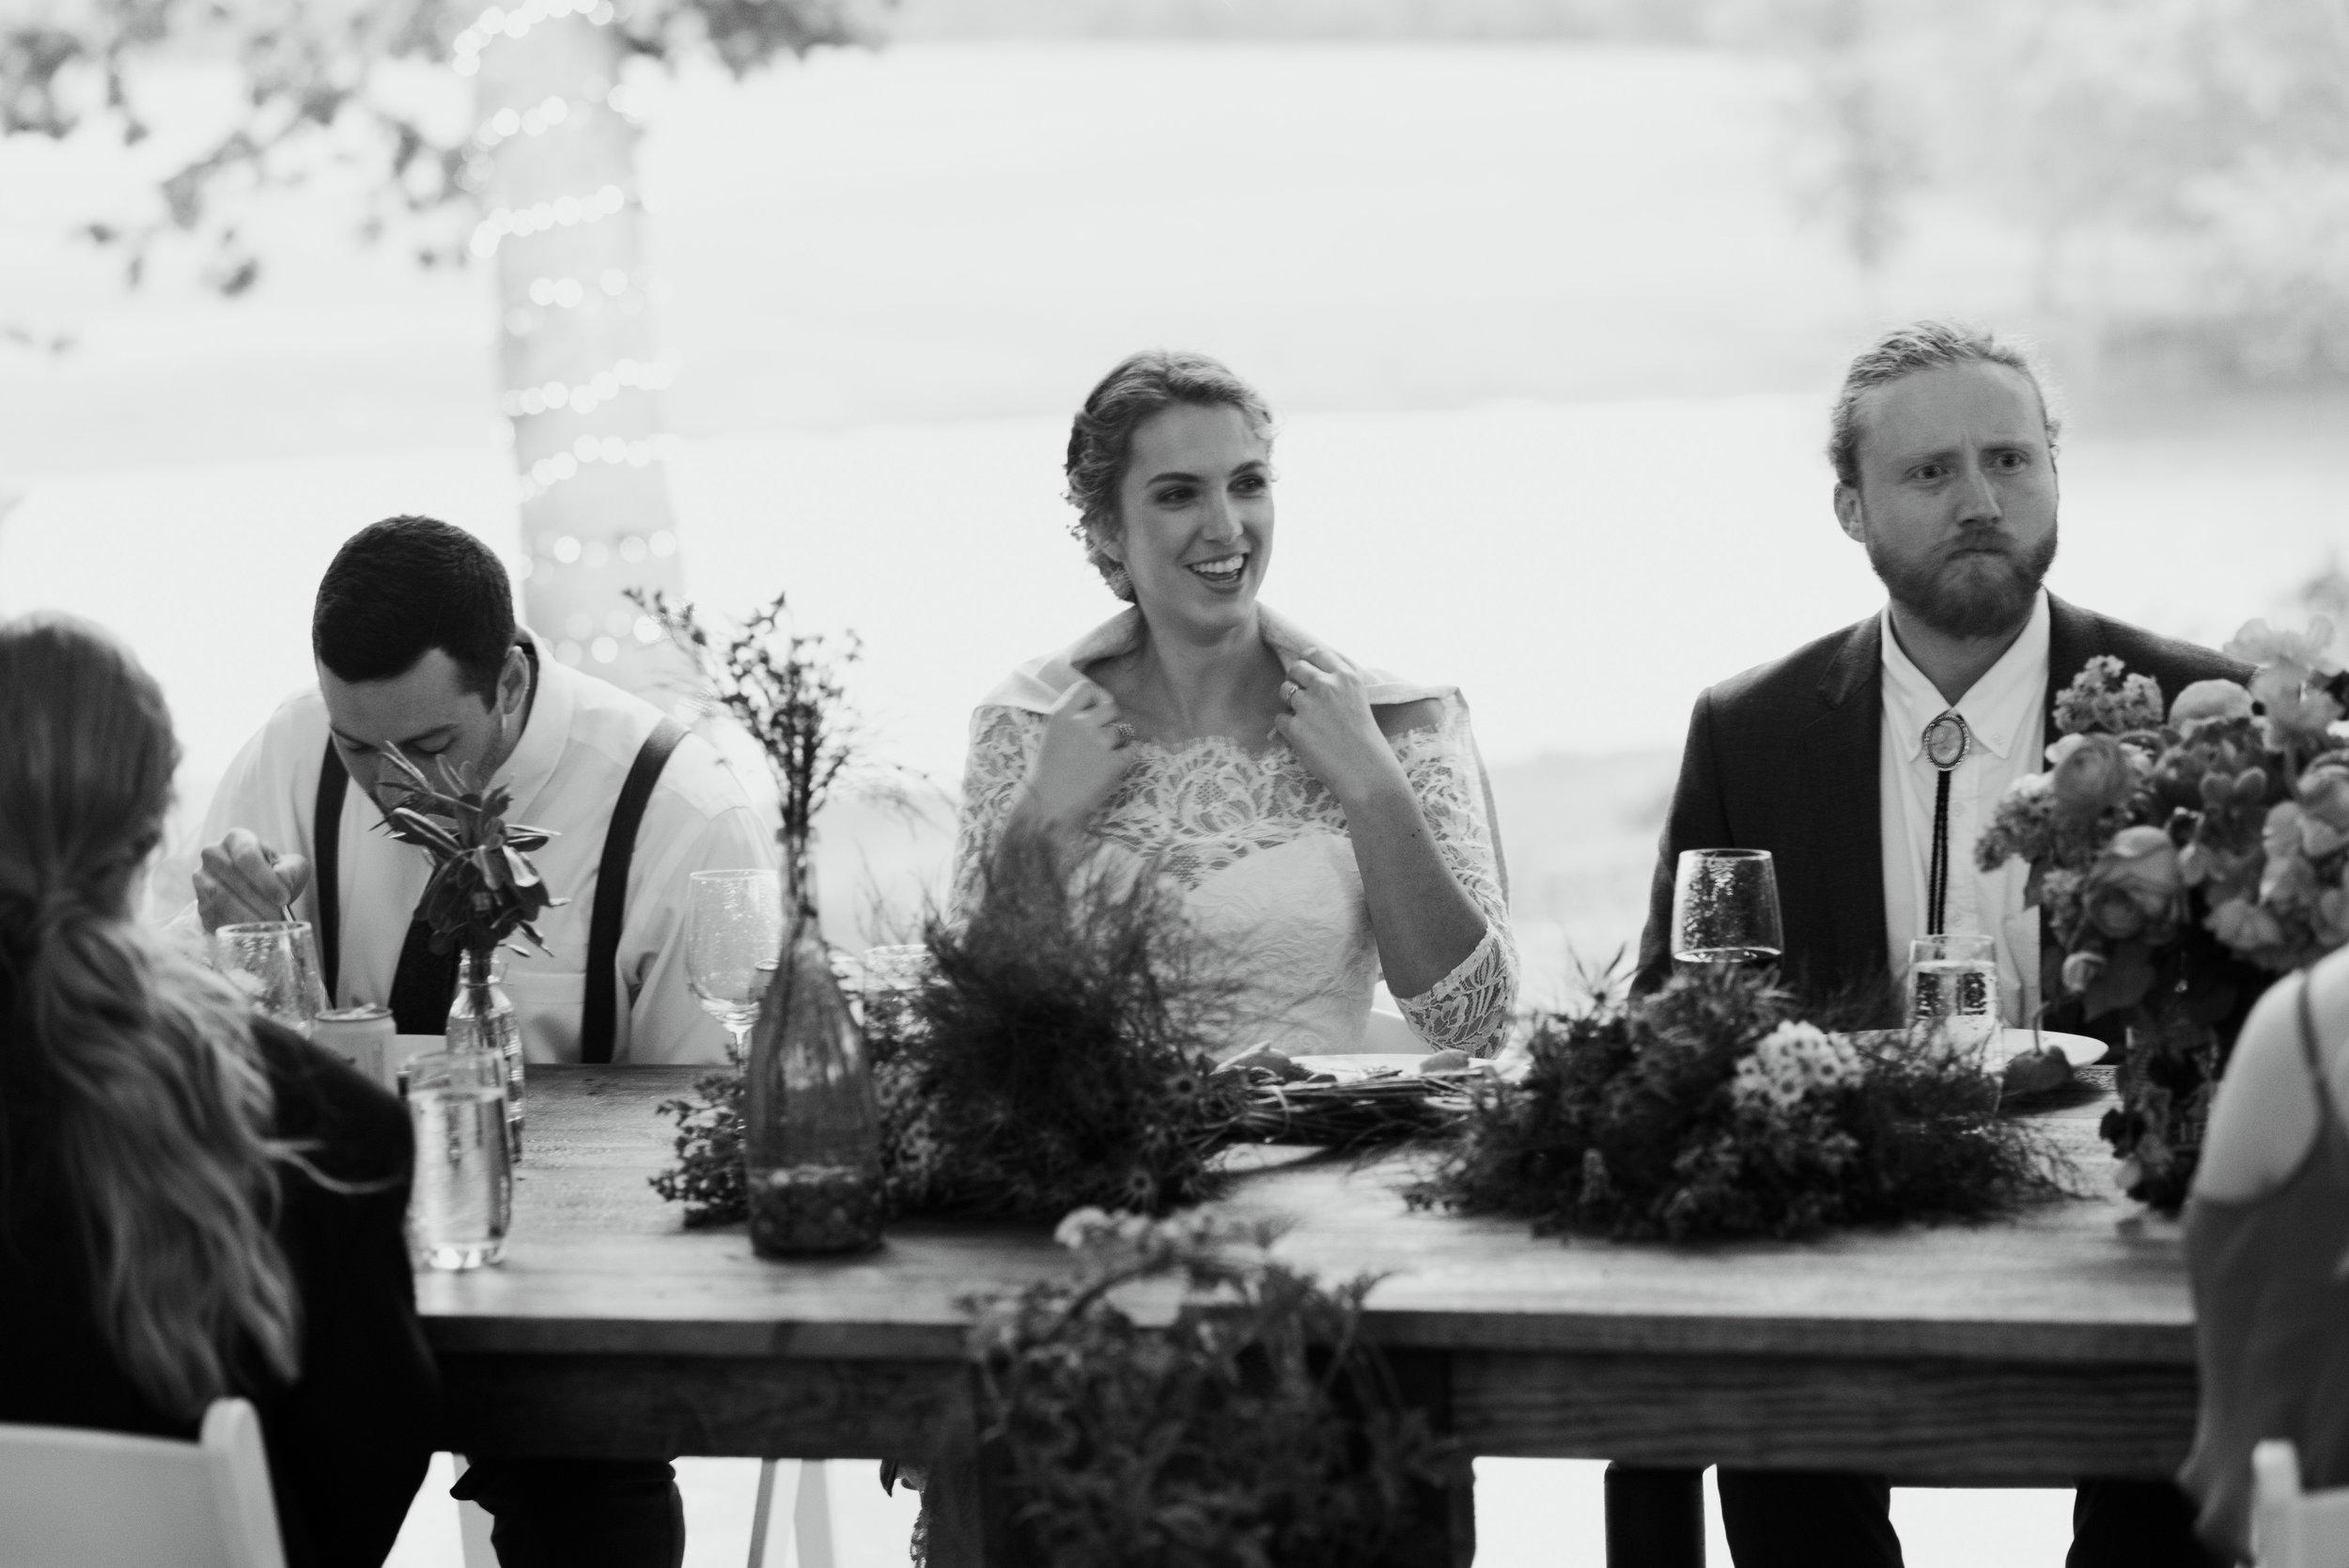 raleigh-elopement-photographer-raleigh-durham-wedding-maddie-and-devin- (136 of 162).jpg